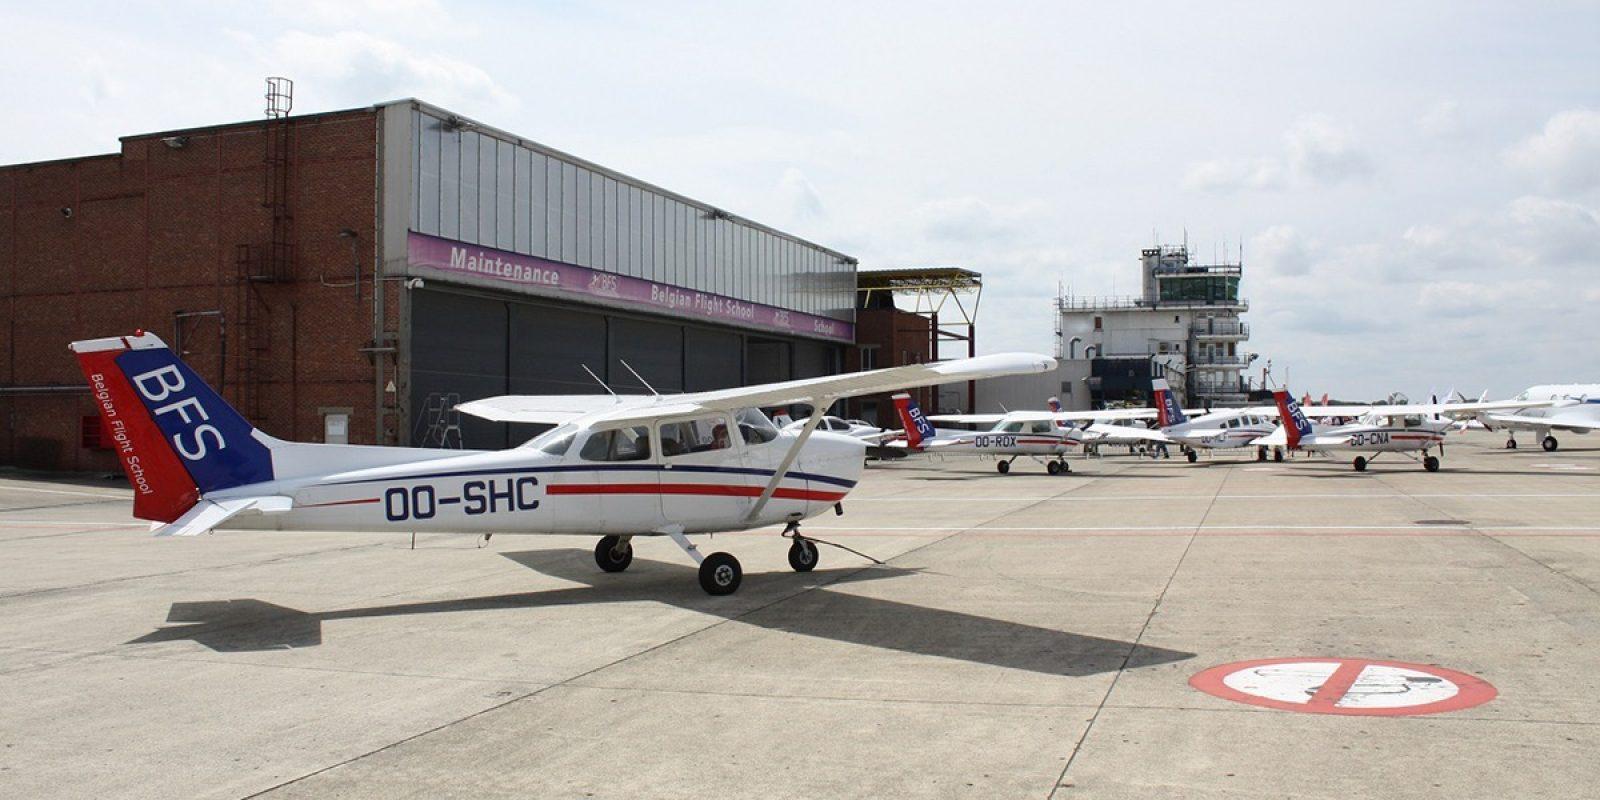 Le OO-SHC est un des Cessna 172 de la flotte BFS, photographié en avant-plan d'une partie de la flotte des « Blue tails ».